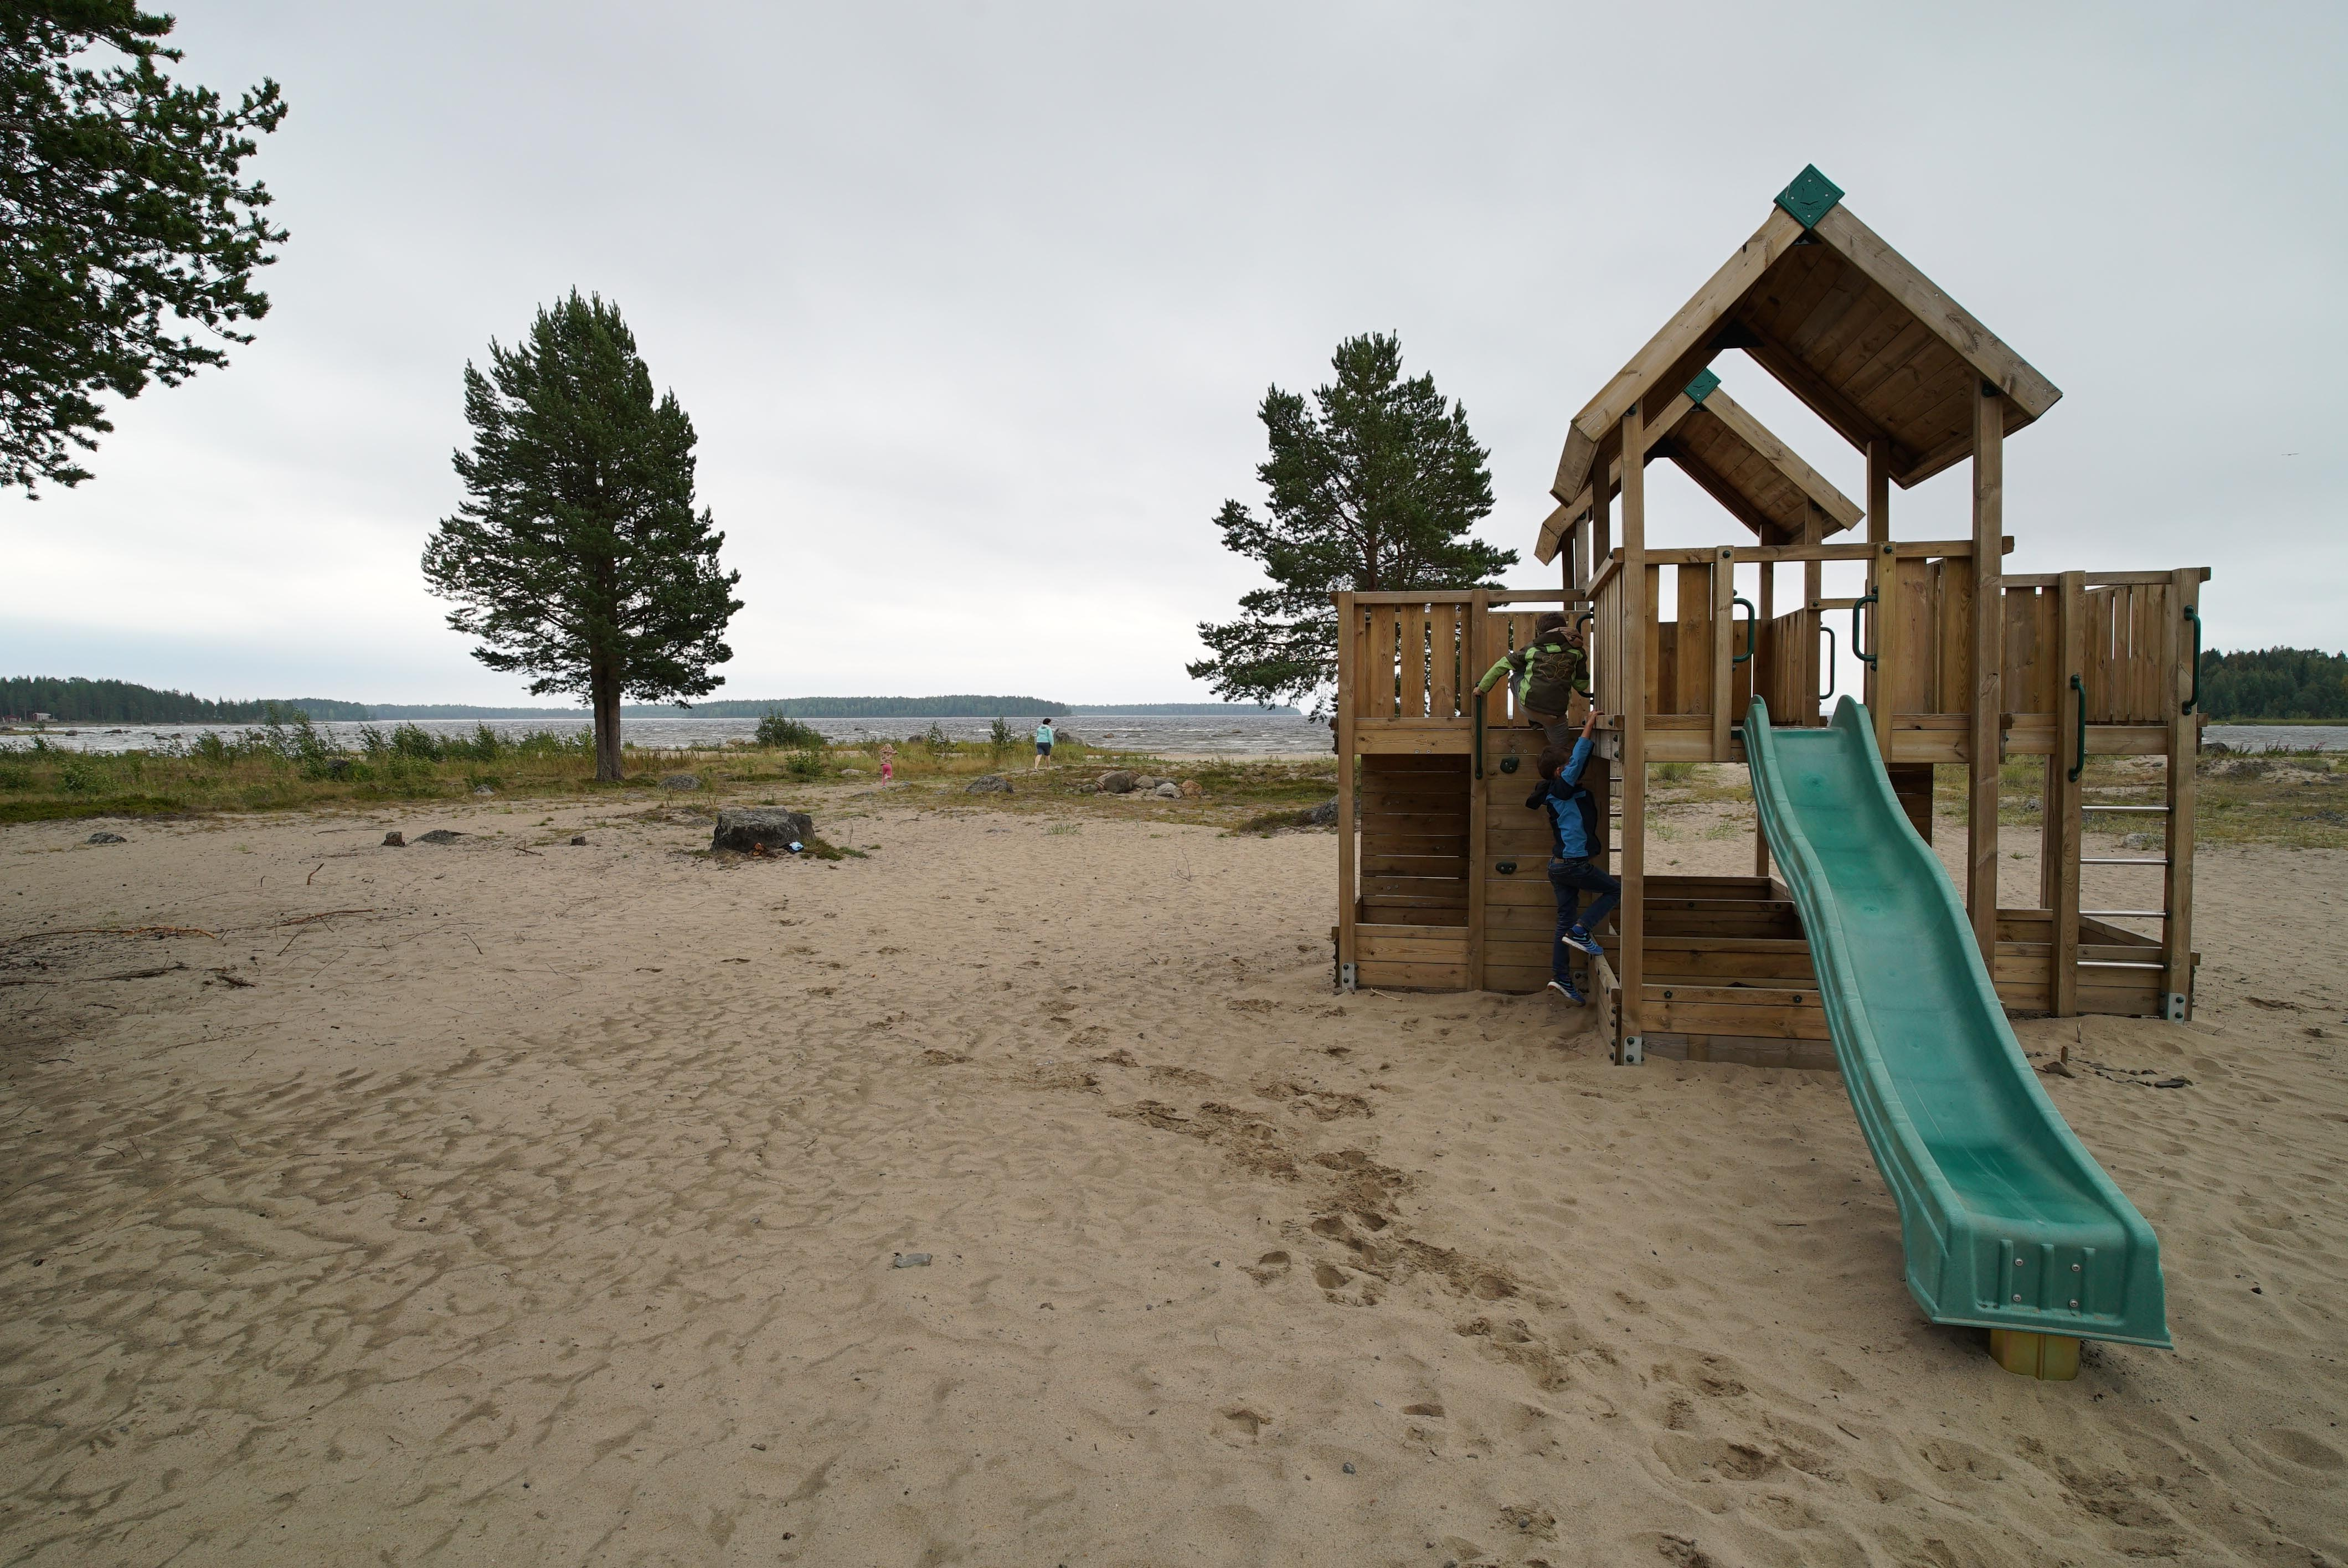 Rörbäcks Camping07